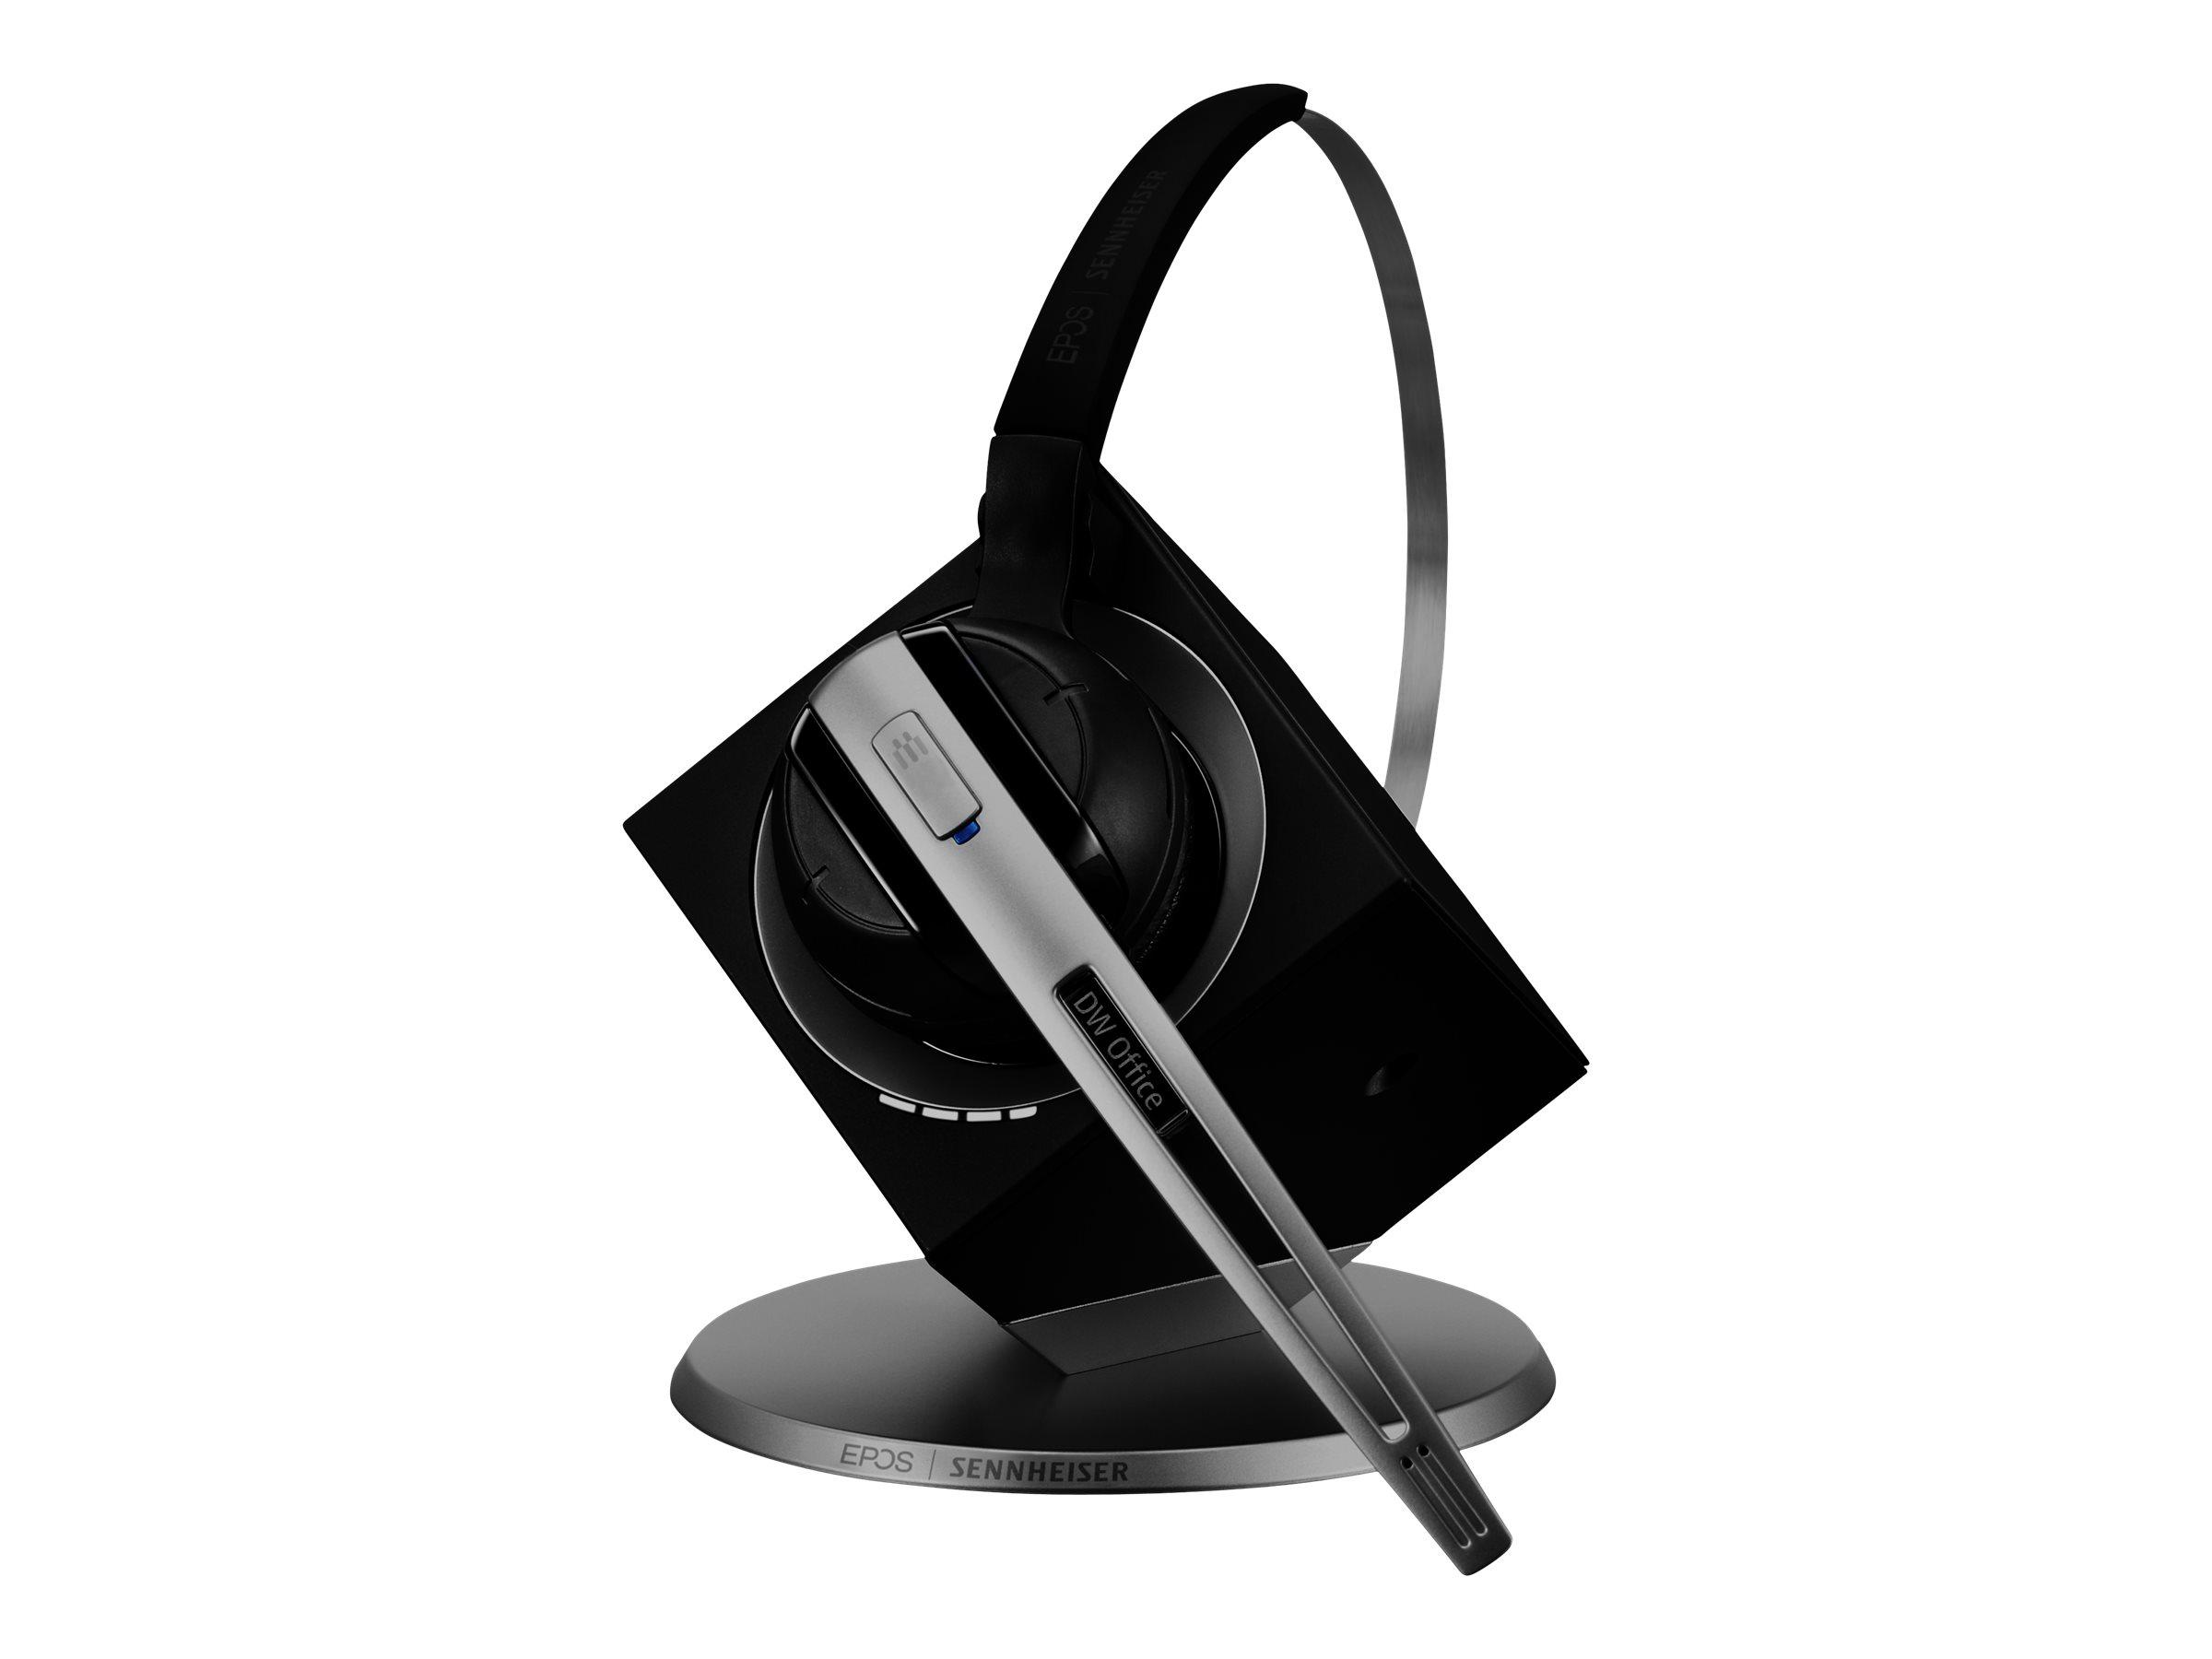 EPOS I SENNHEISER DW Office 10 ML - Call Center & Office - Headset - konvertierbar - DECT CAT-iq - kabellos